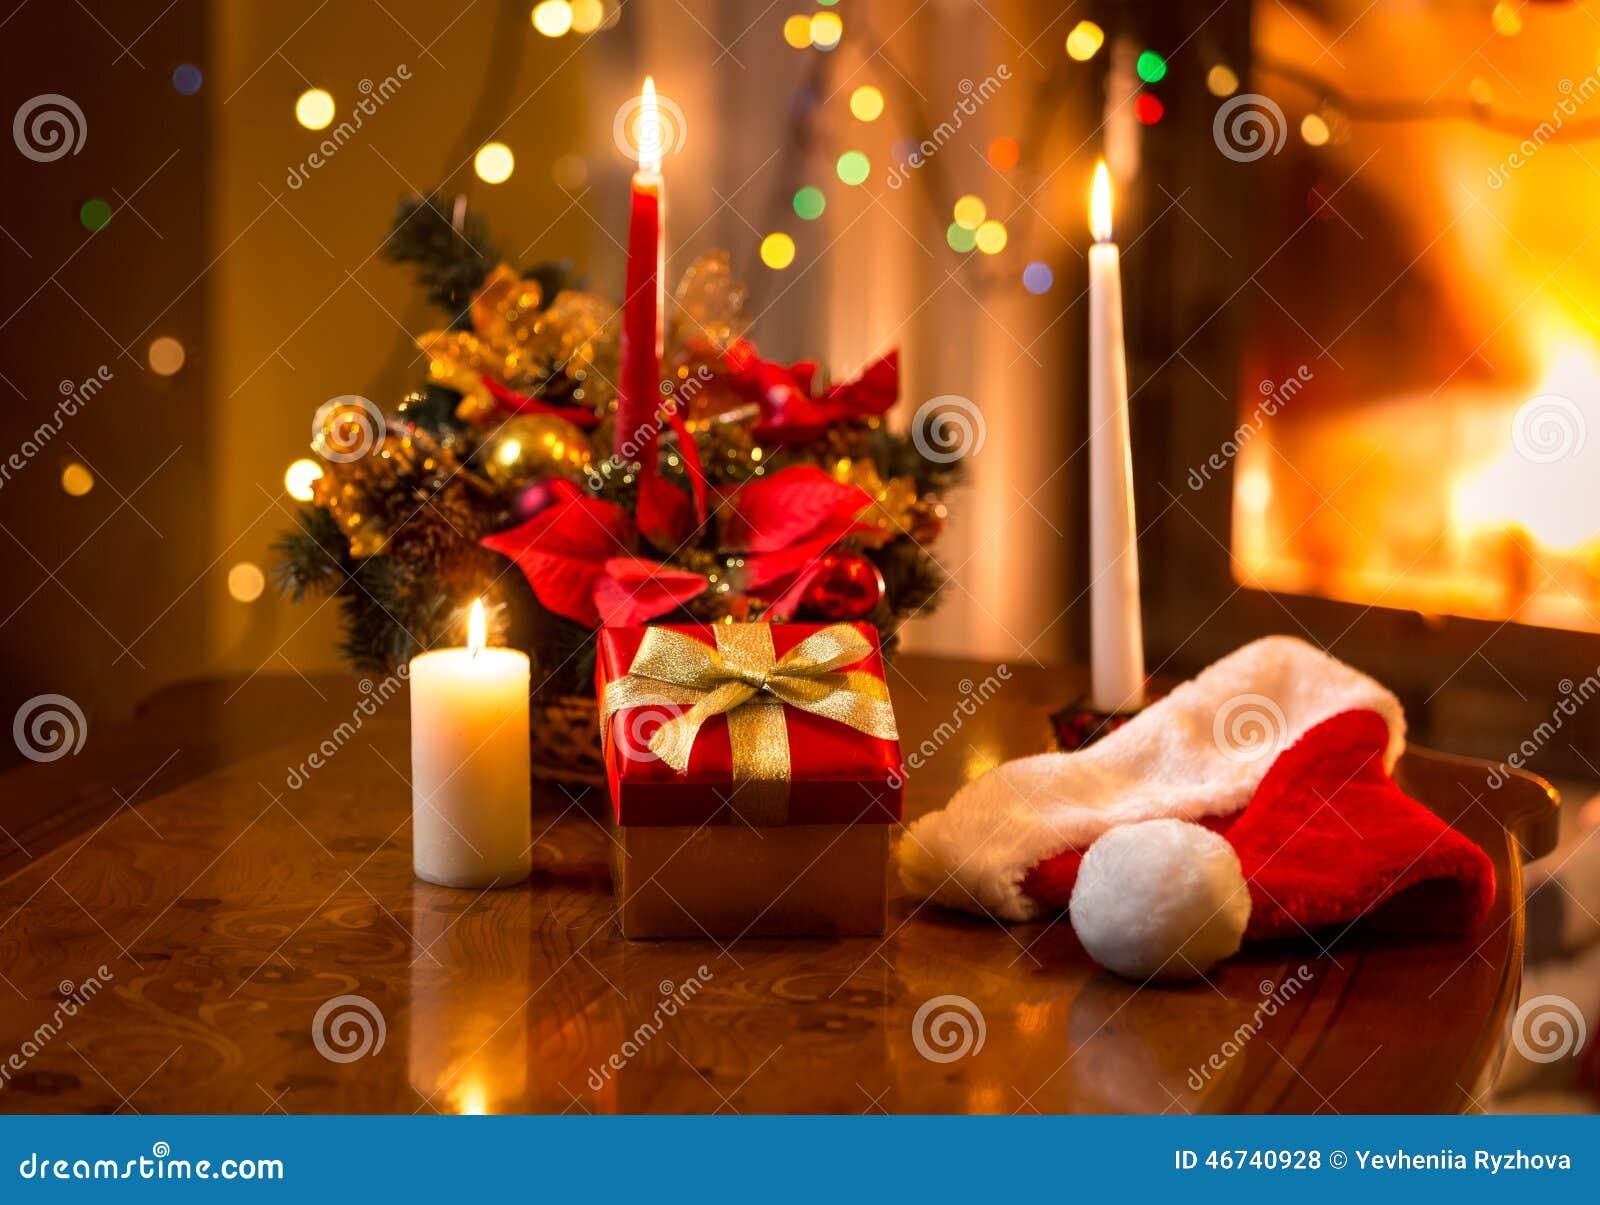 weihnachtsfoto von brennenden kerzen mit giftbox gegen. Black Bedroom Furniture Sets. Home Design Ideas